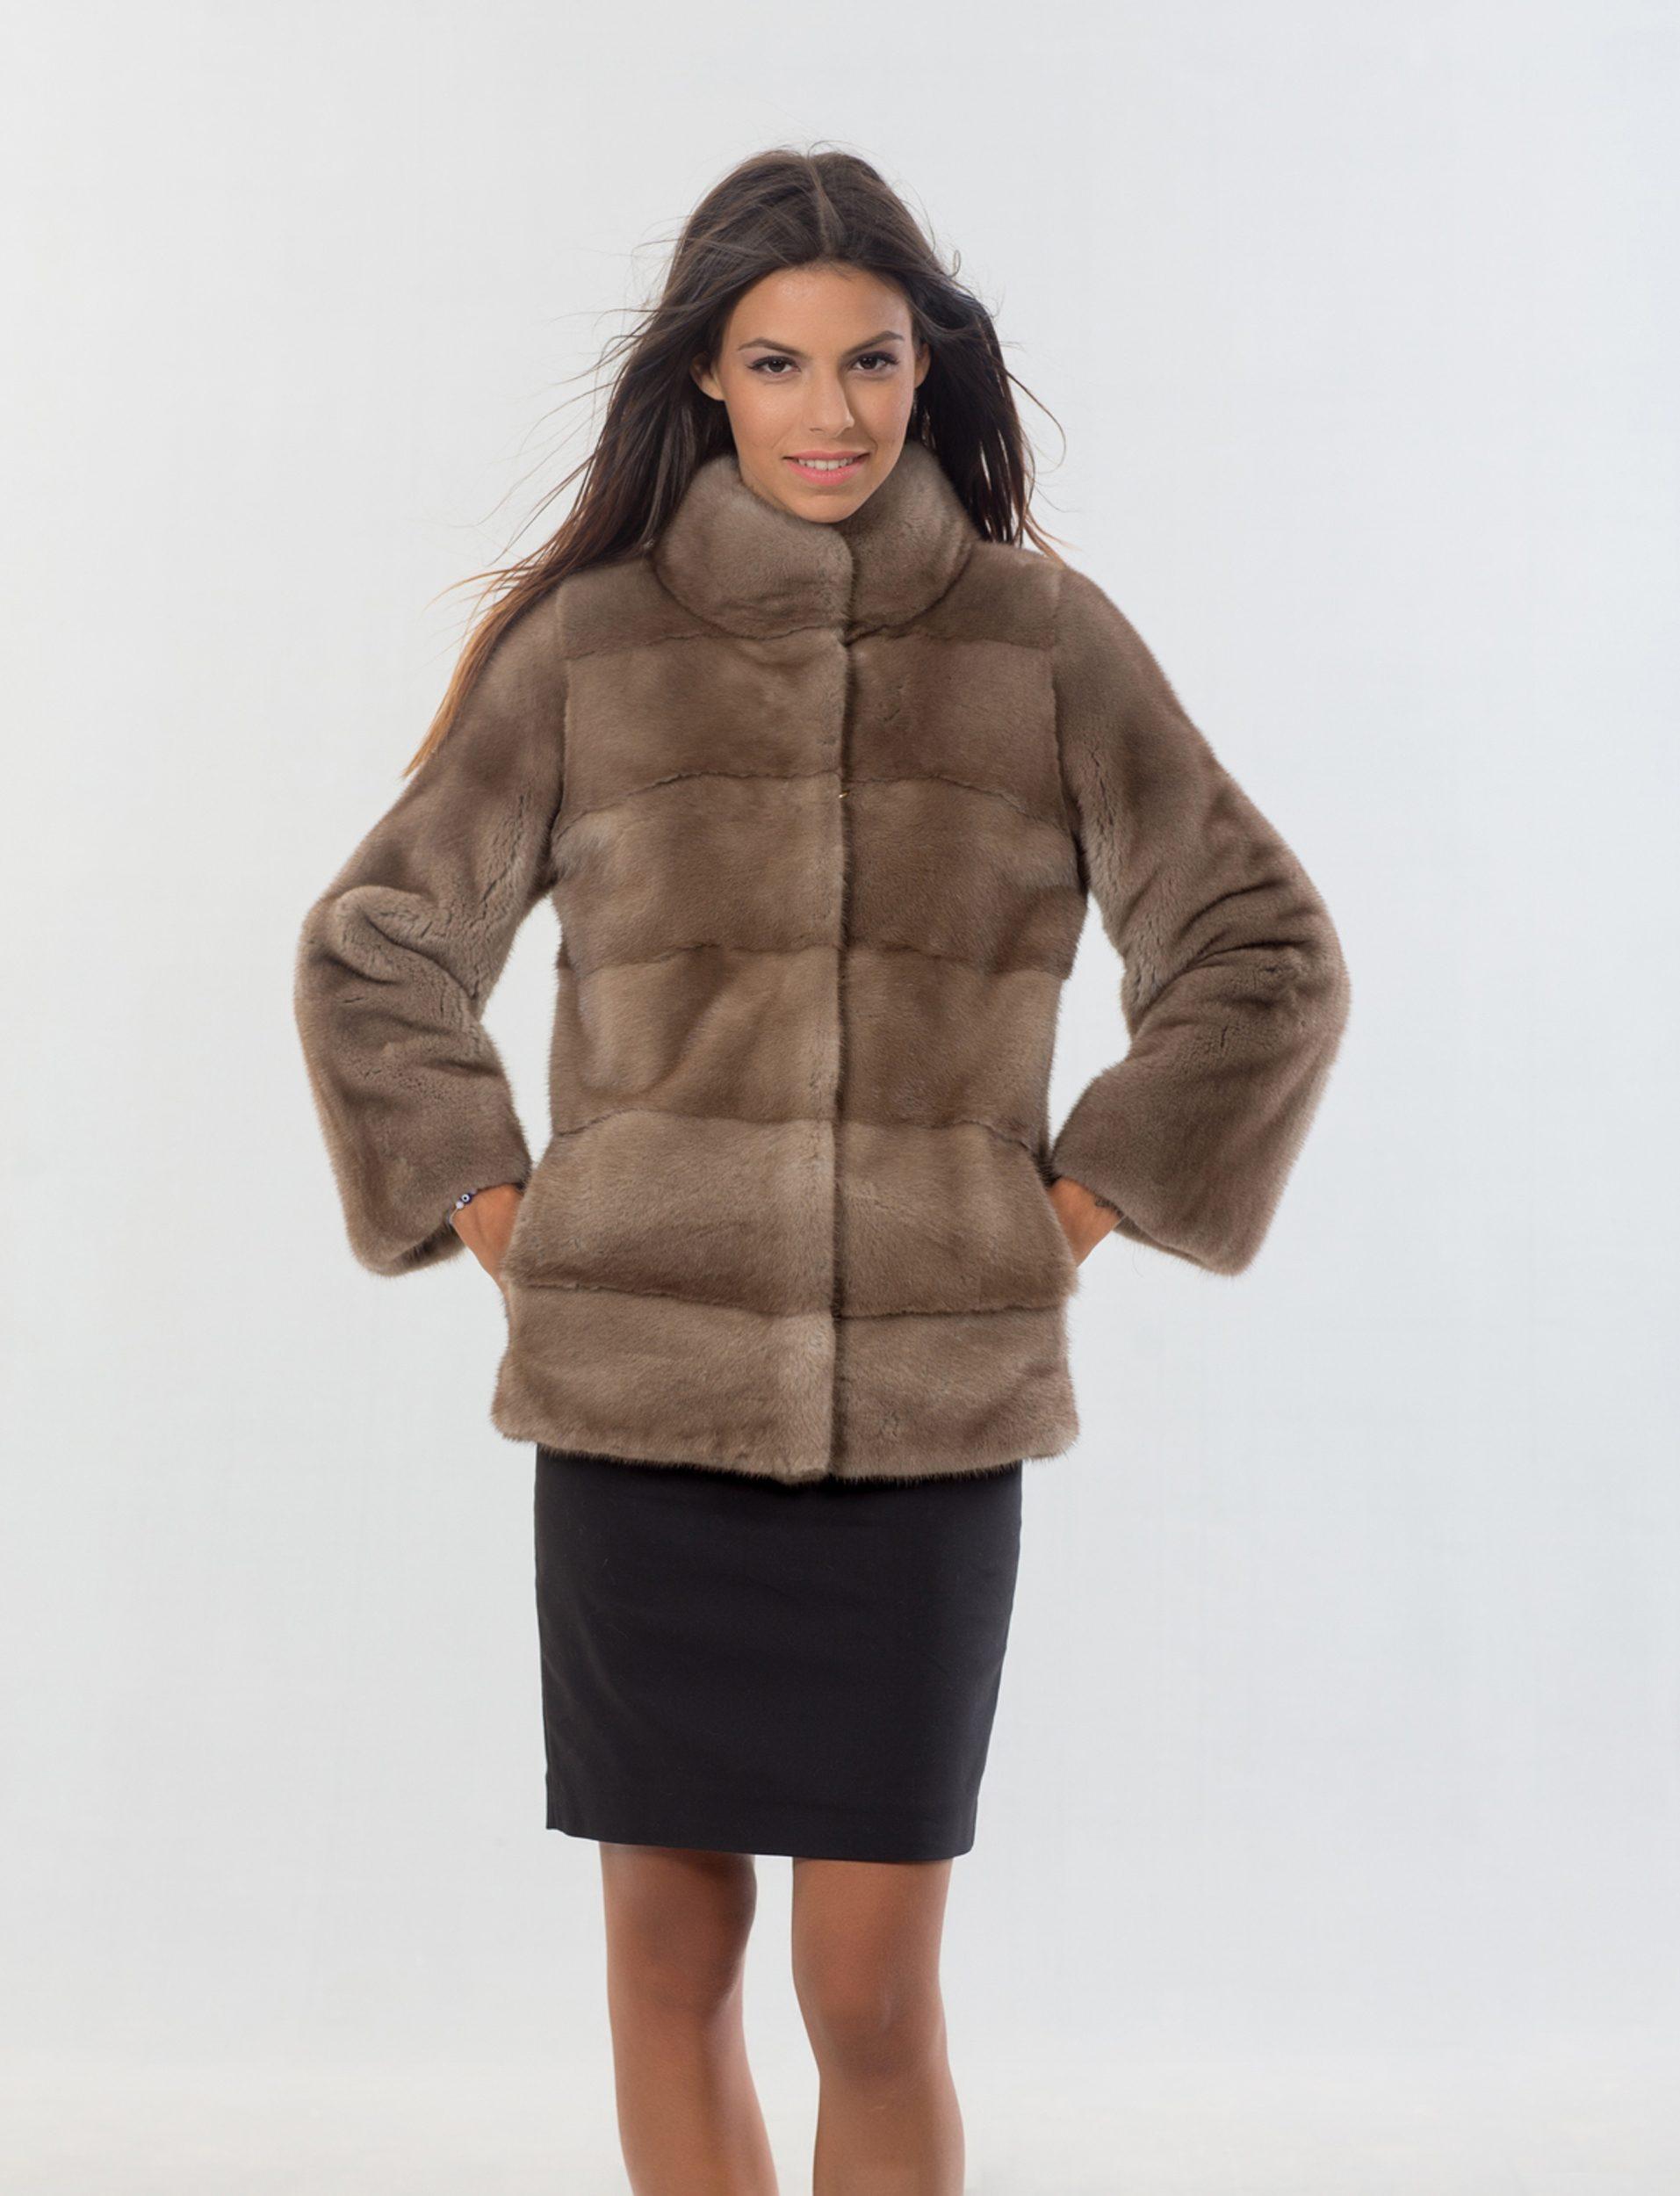 Nafa Mink Pastel Fur Jacket. 100% Real Fur Coats and Accessories.